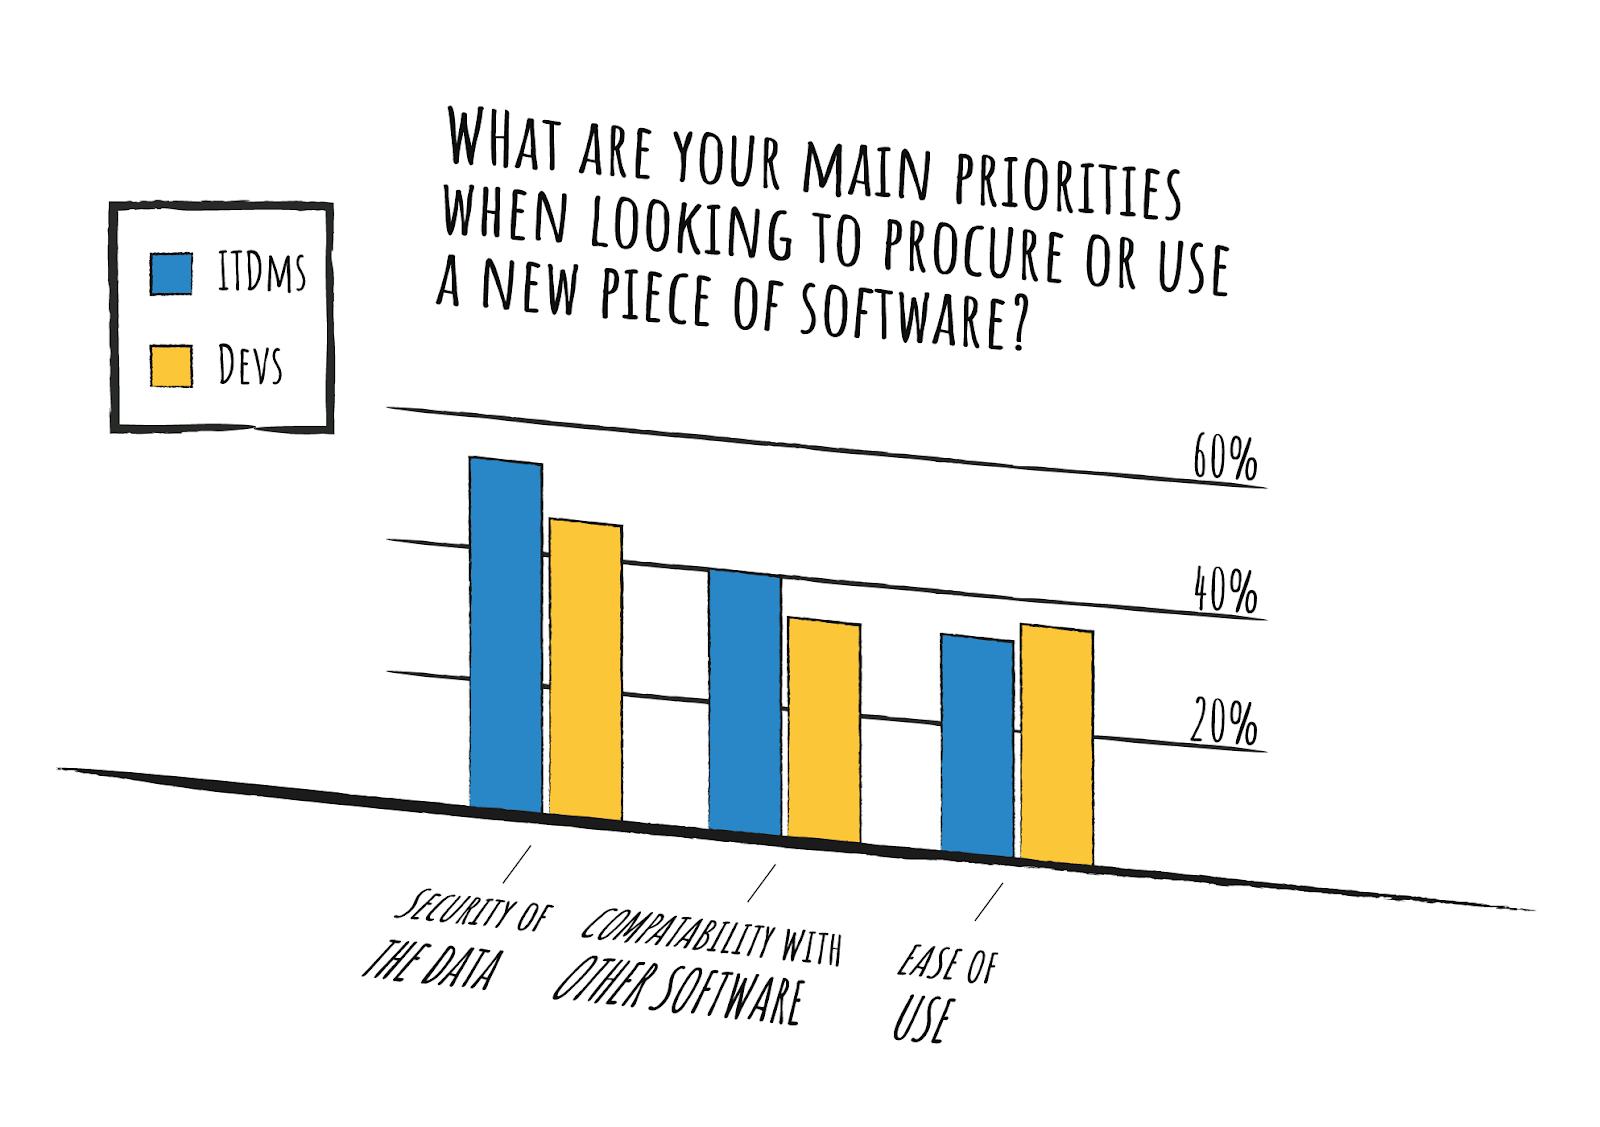 Main priorities for choosing software